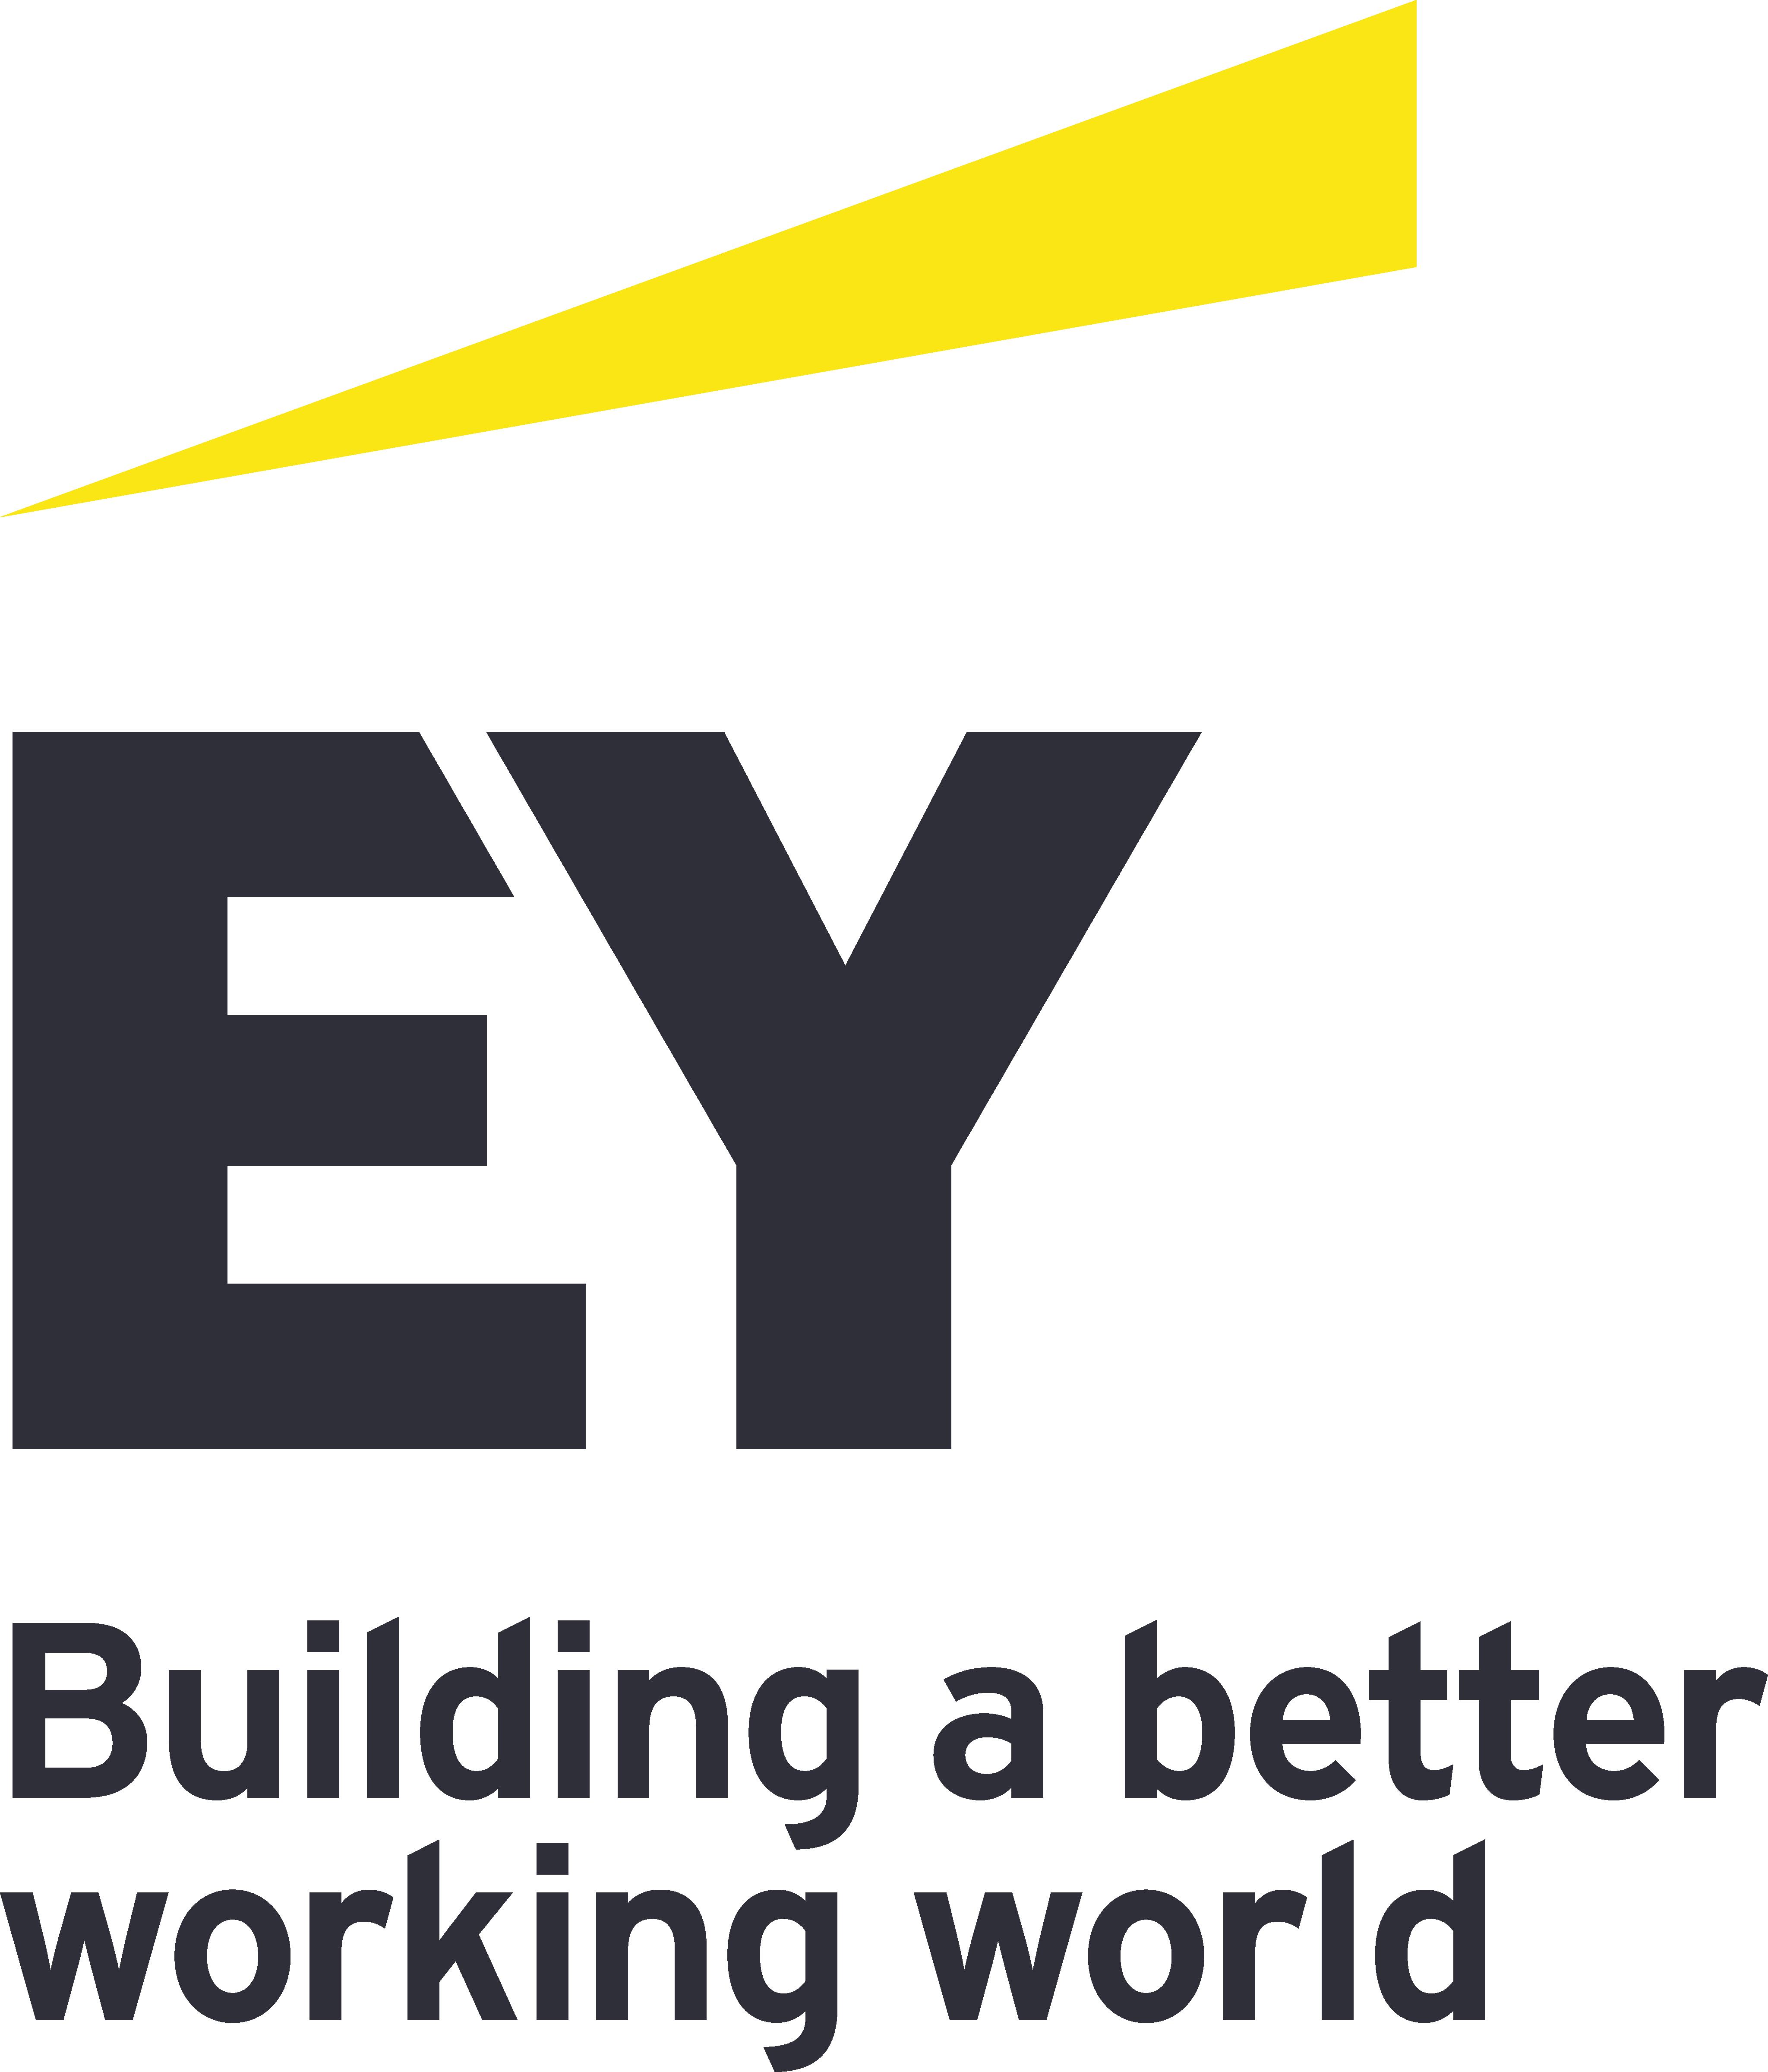 """Logotipo da empresa EY. Trata-se da palavra """"EY"""" escrita em preto. Abaixo disso, há uma frase """"Building a better working world"""". Acima do """"EY"""", há uma forma abstrata amarela."""